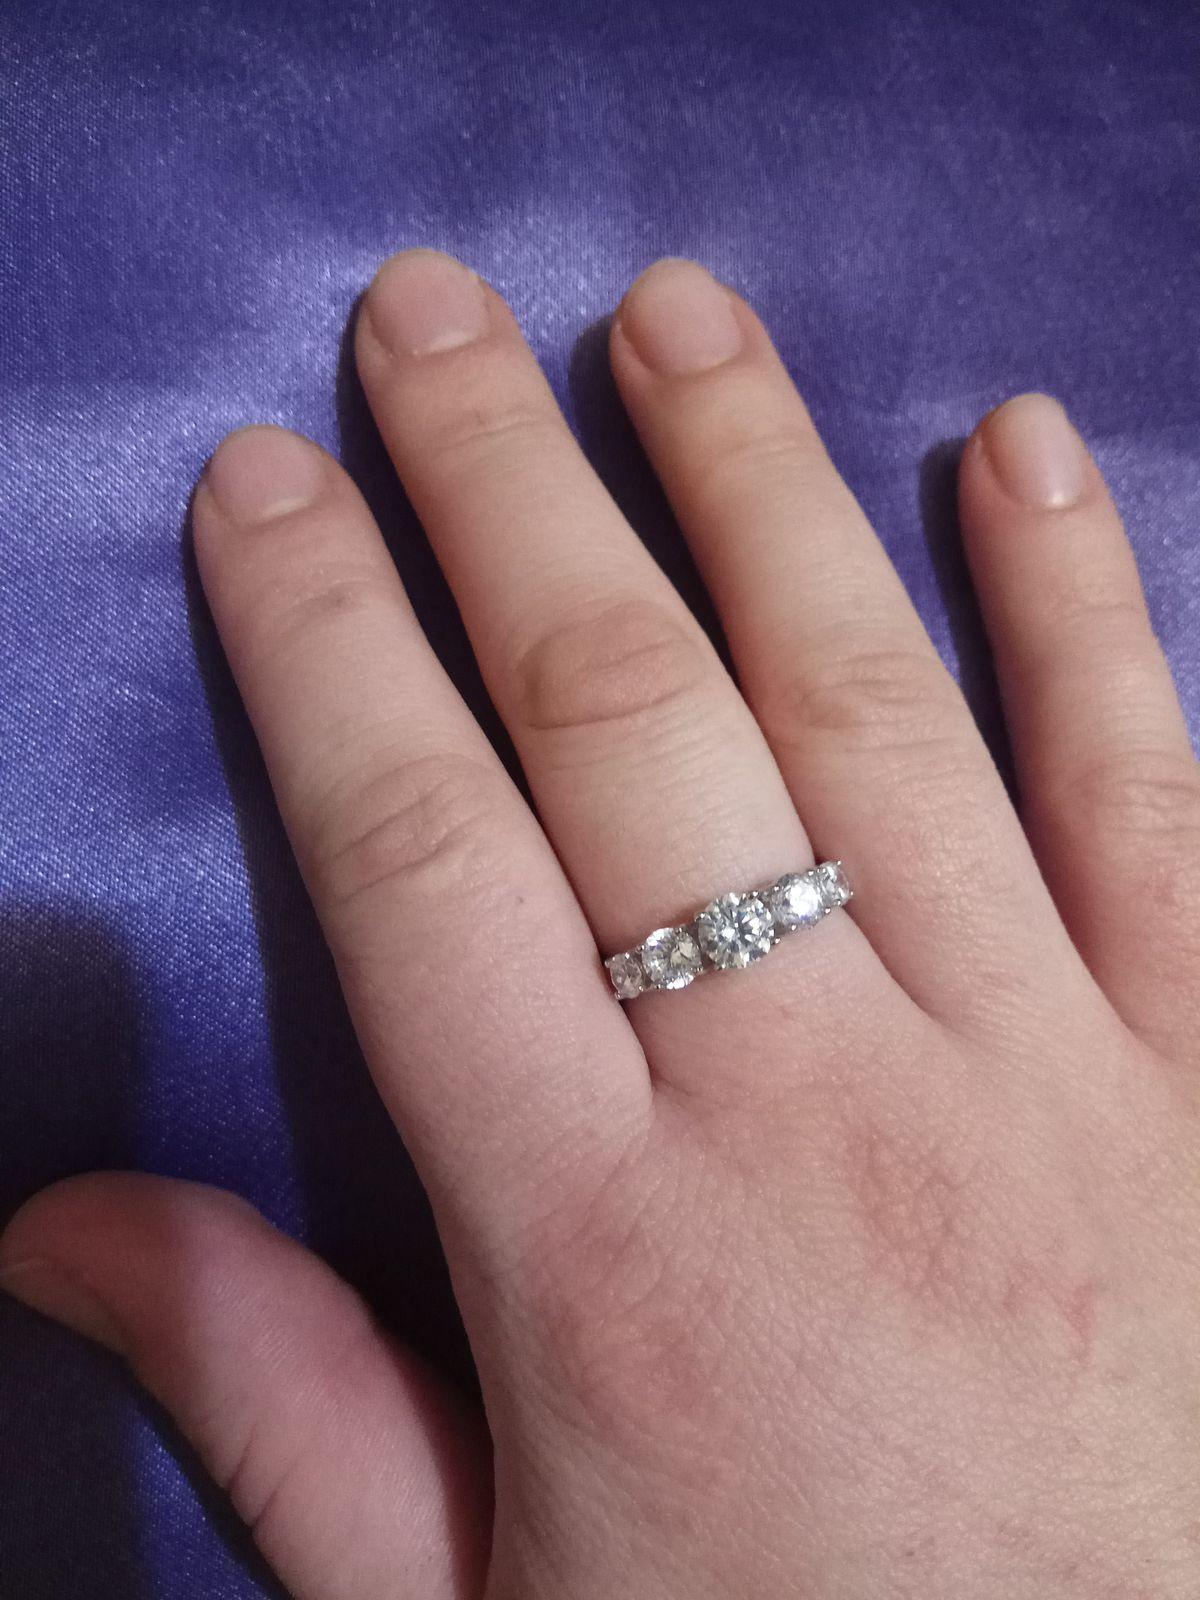 Oчень стильное кольцо!